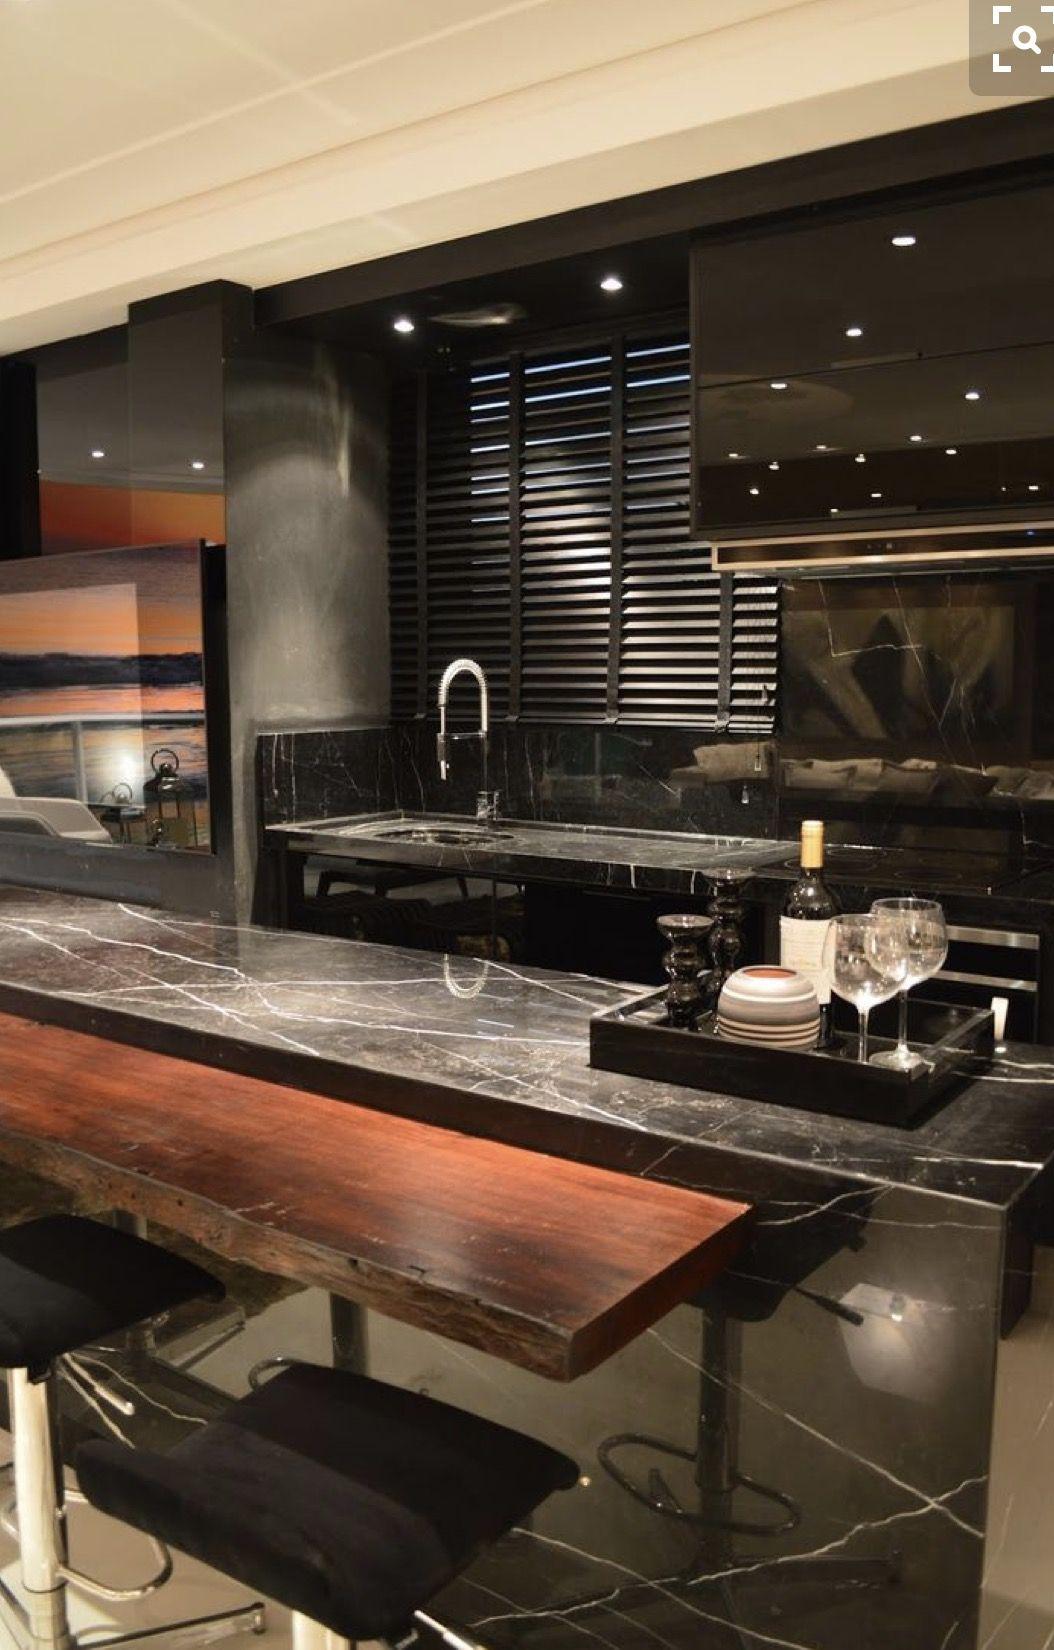 Modernes Küchendesign, Küchen Design, Moderne Küchen, Ideen Für Die Küche,  Küche Und Esszimmer, Küchen Vorratskammern, Kochinseln, Herrenhaus Küche,  ...